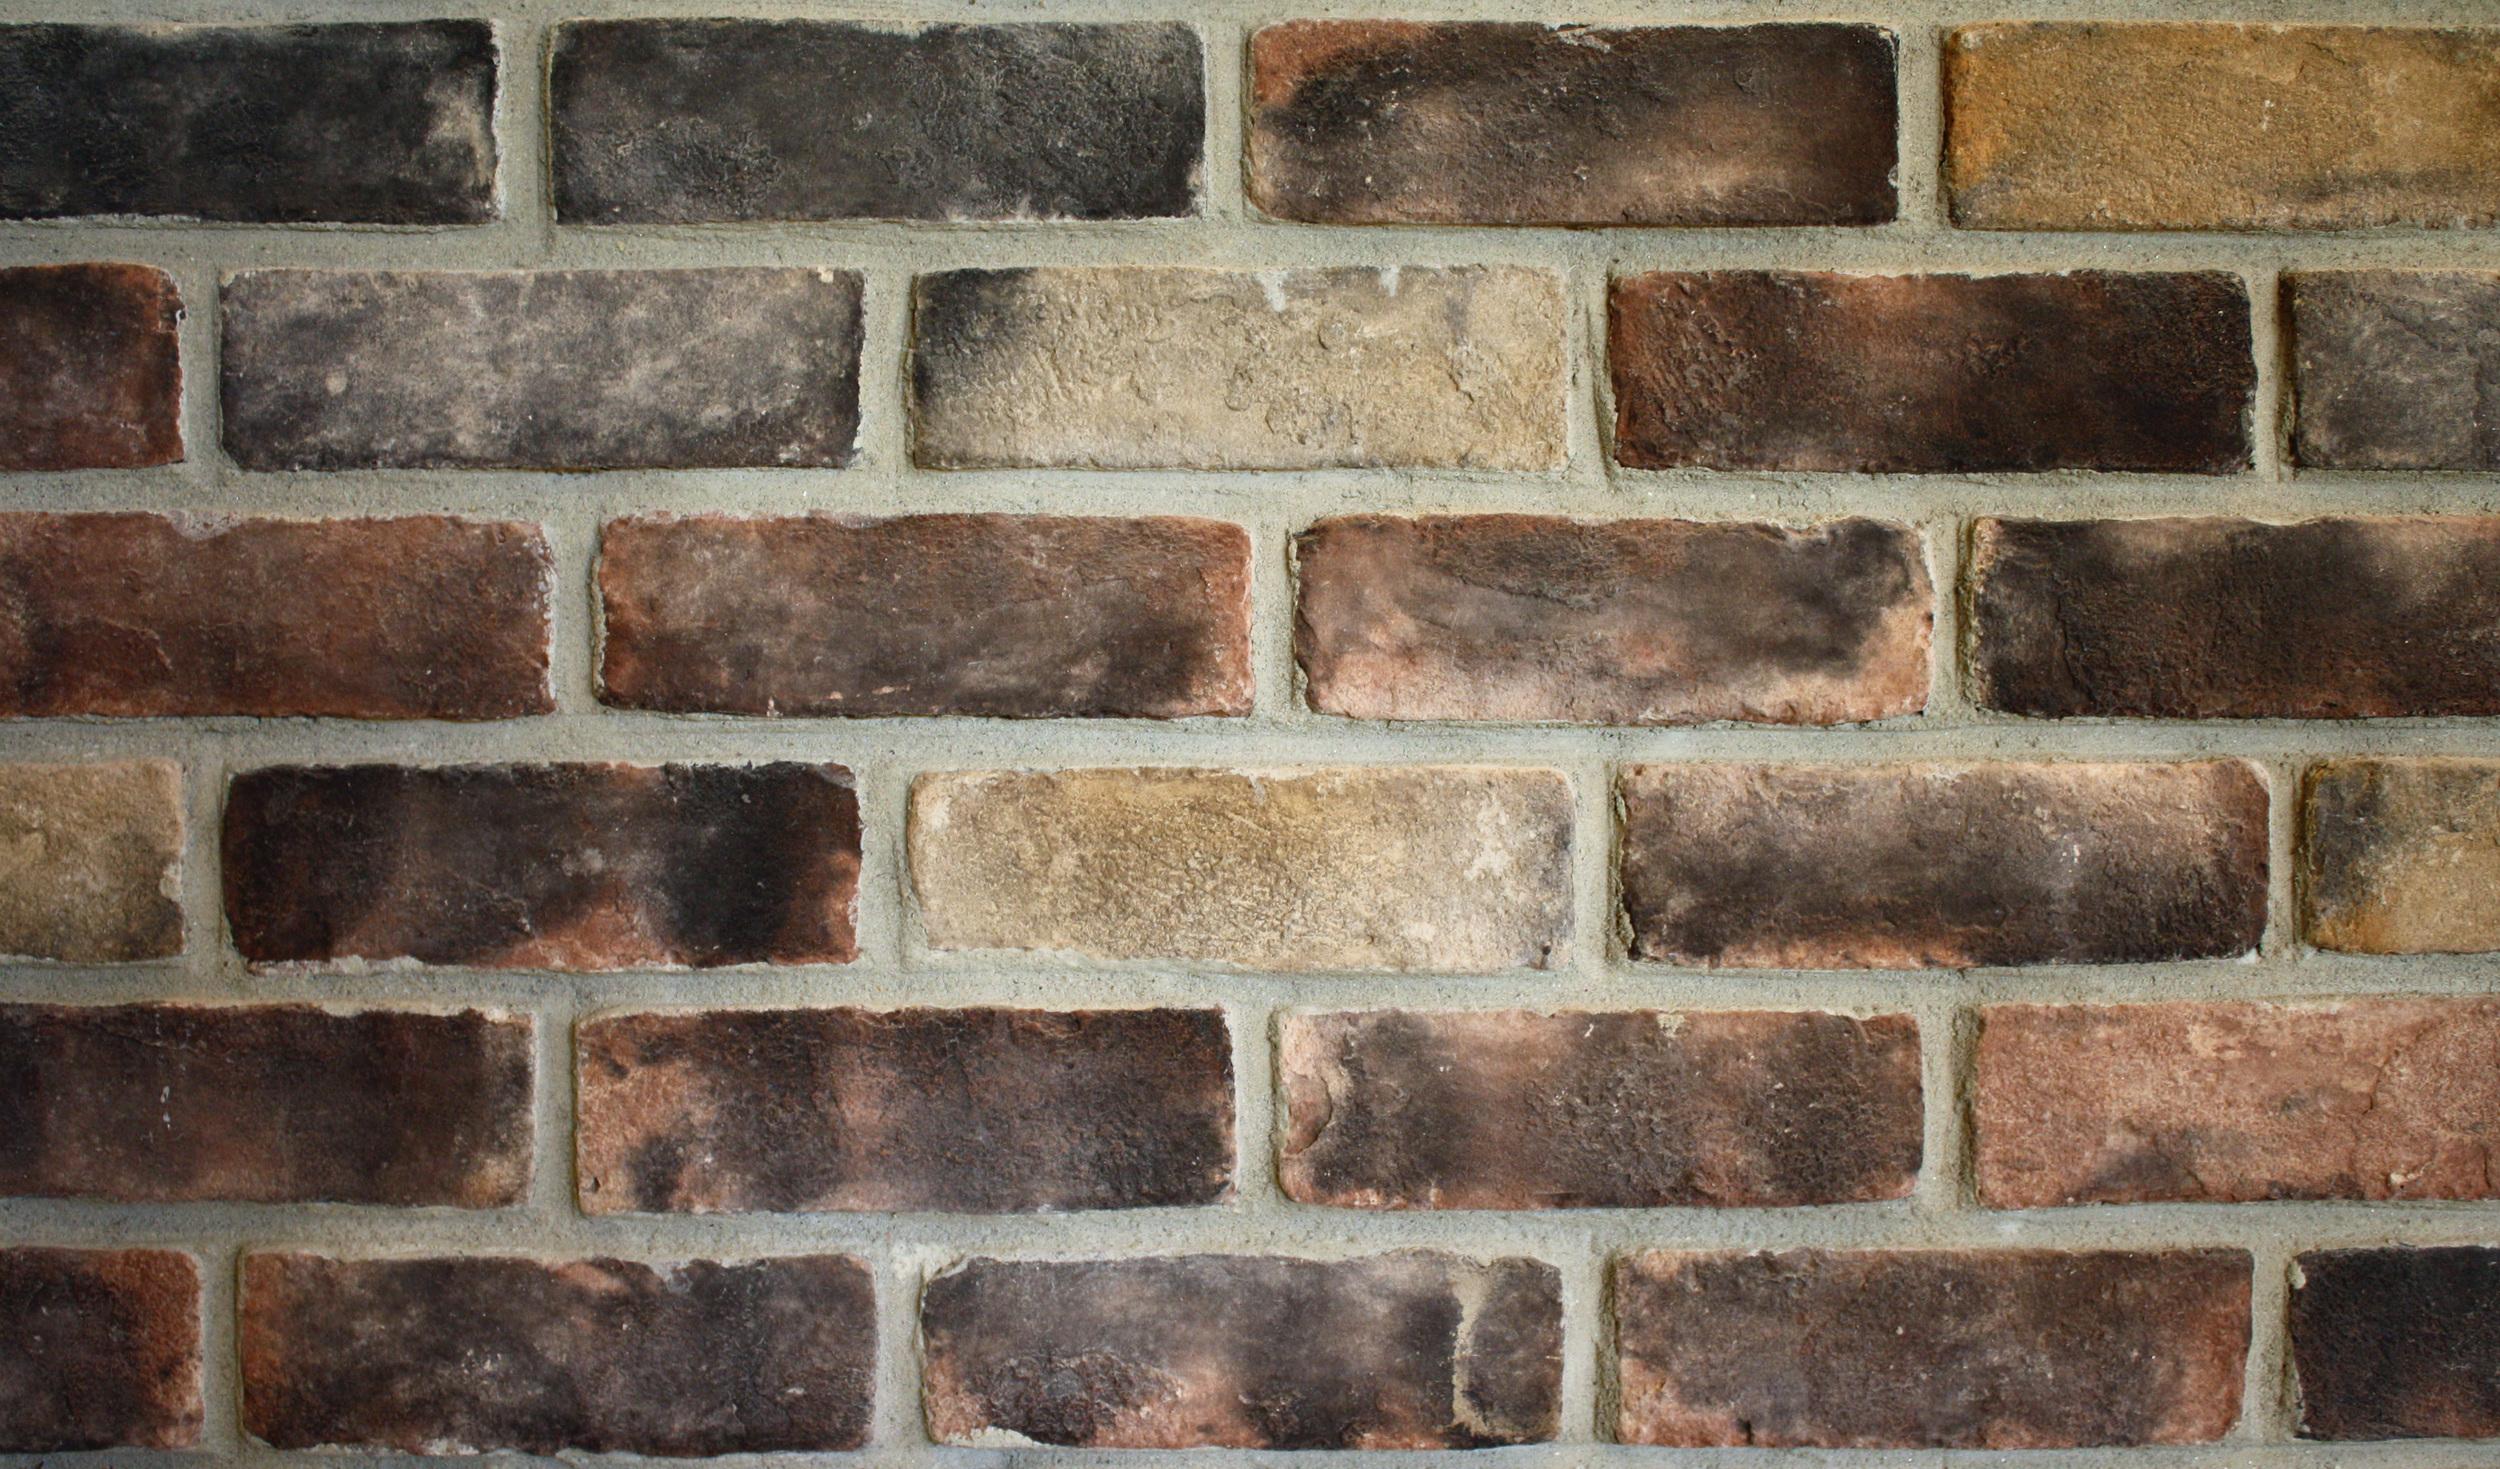 bricks_bg.jpg